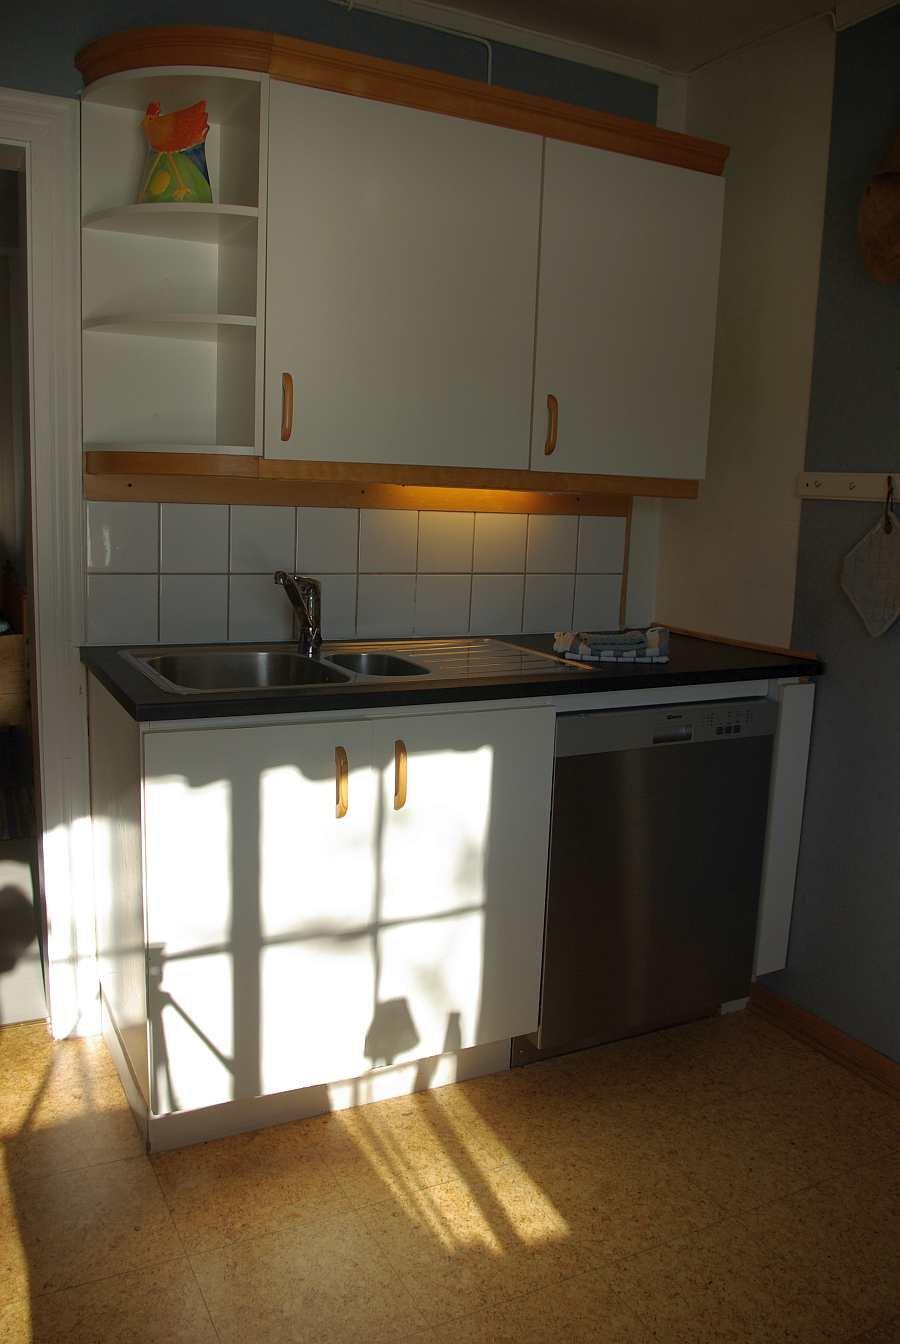 In der Küche ist vom Geschirrspüler bis zum Wasserkocher alles vorhanden